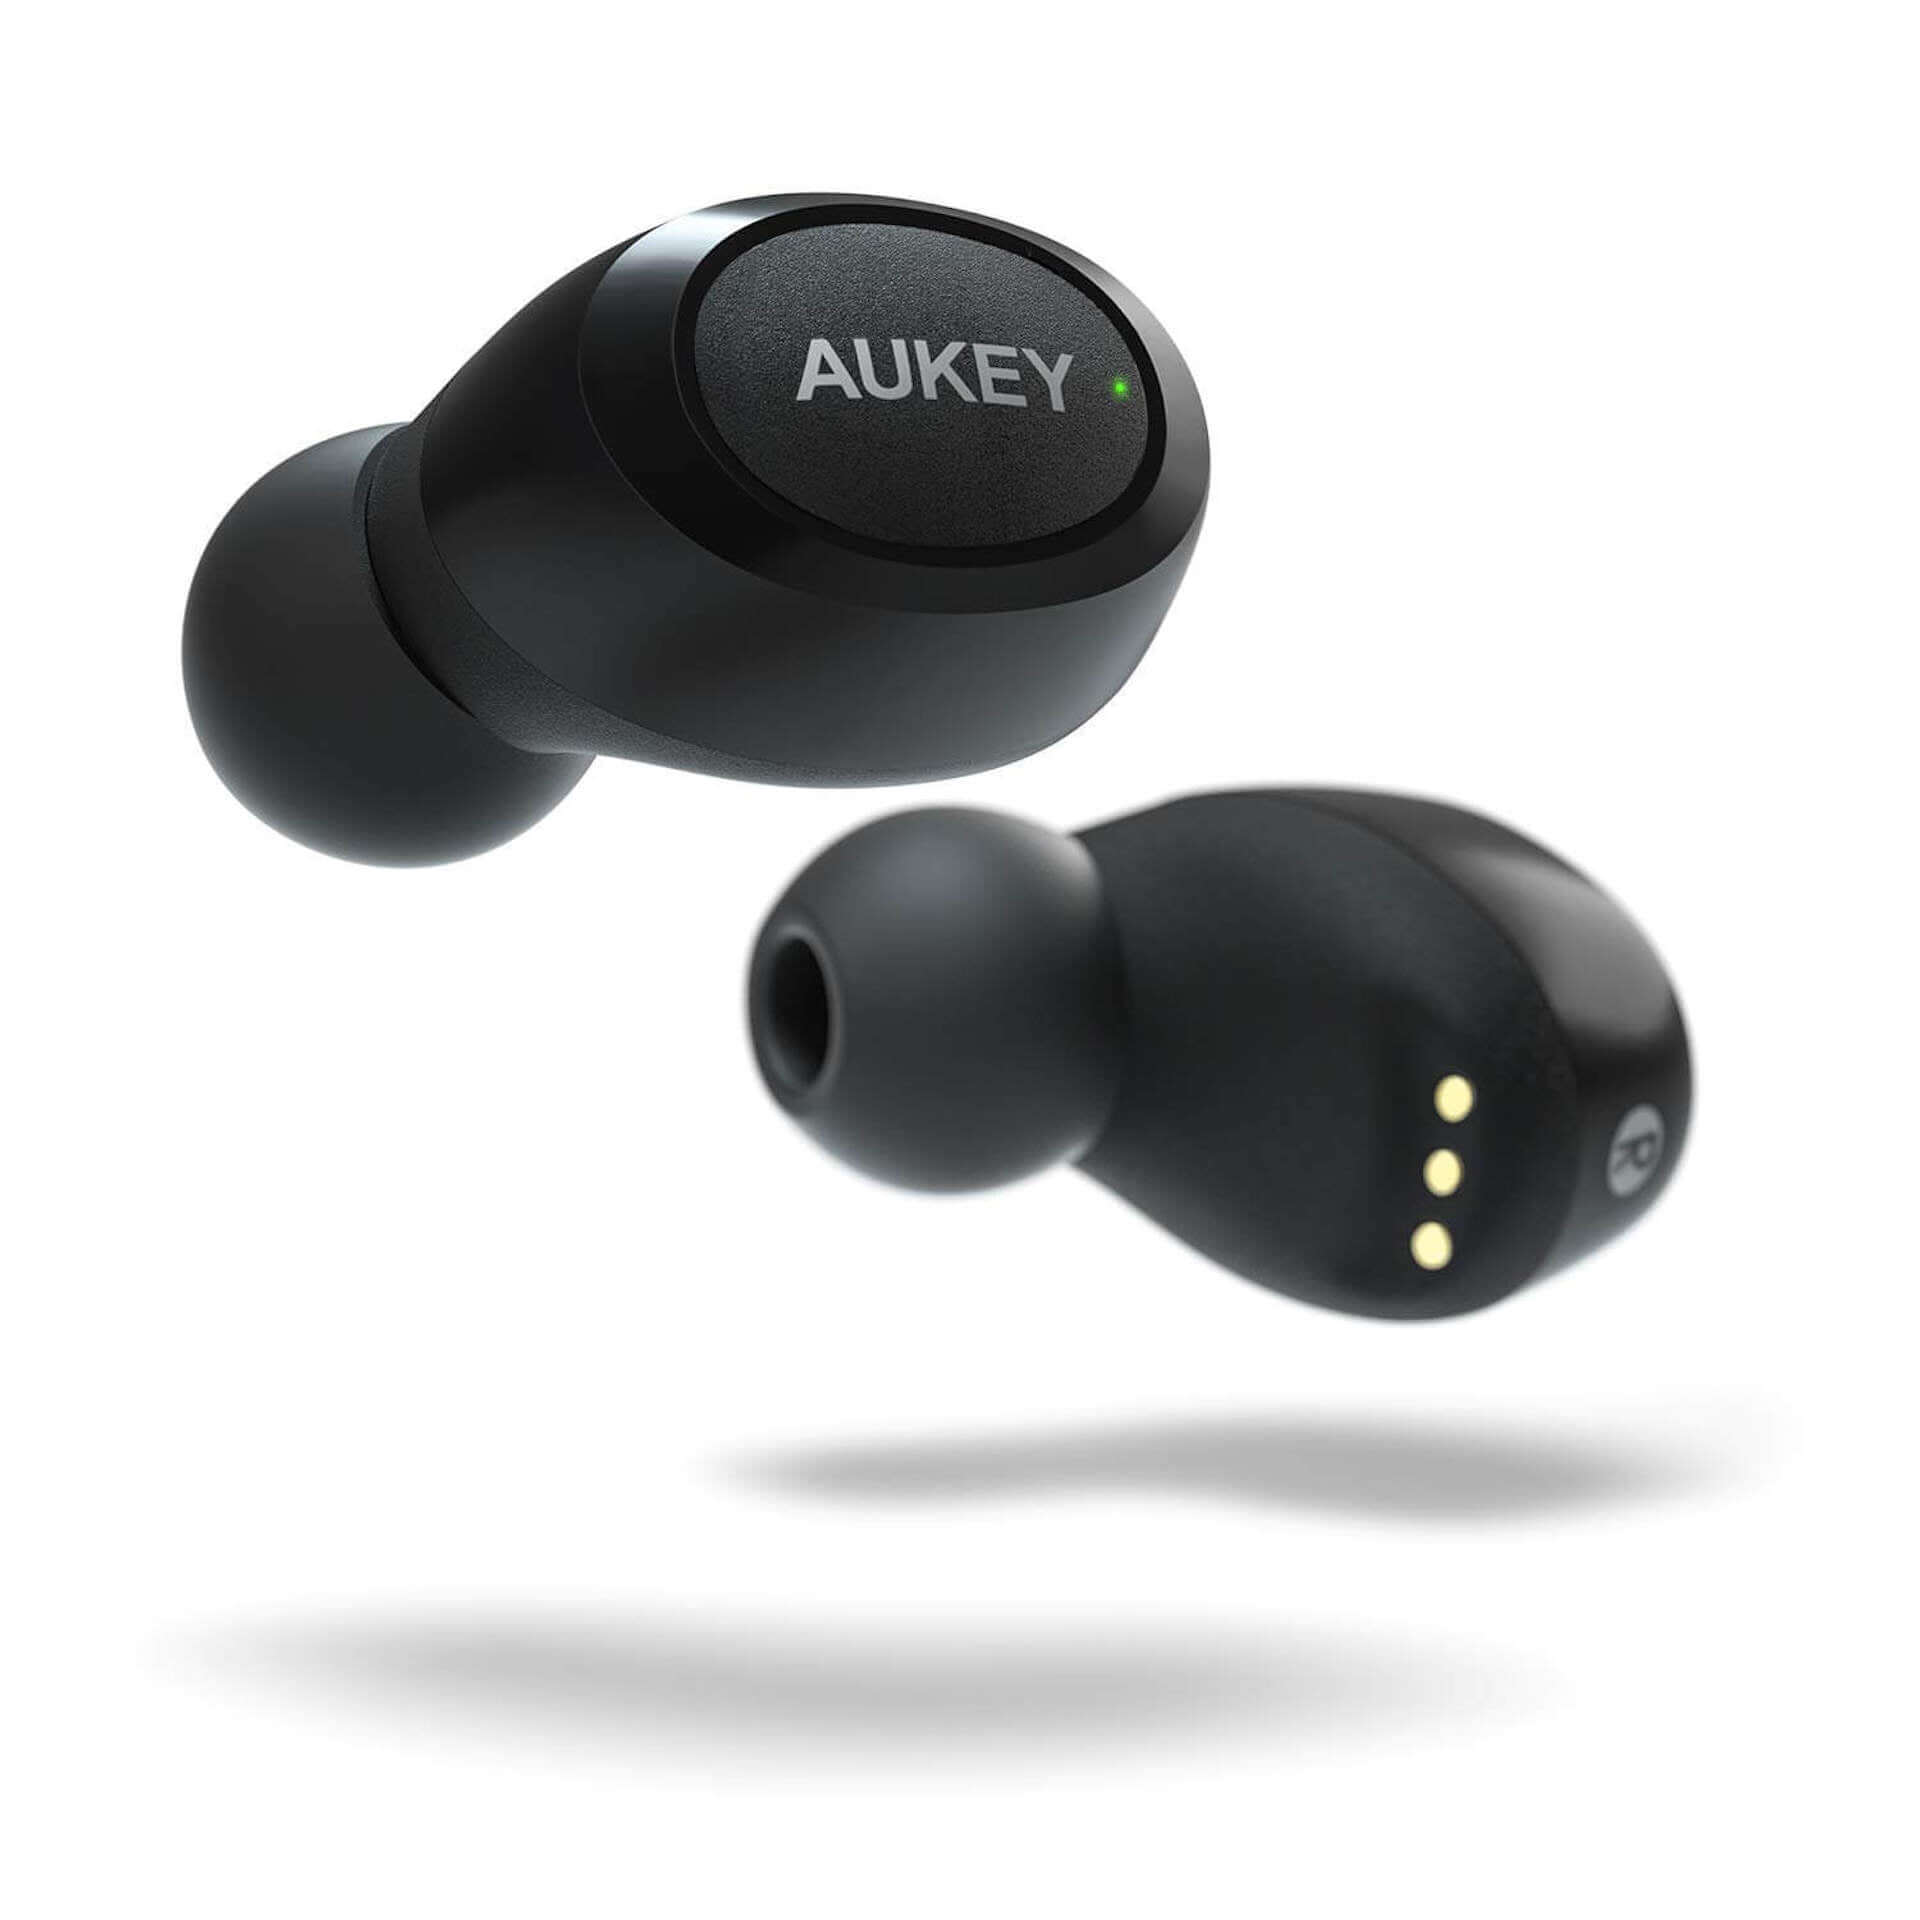 わずか4.5gでフィット感抜群!HI-FI高音質、防水性能を備えた完全ワイヤレスイヤホン「EP-T16S」が登場 technology190806aukey-earphone_1-1920x1920